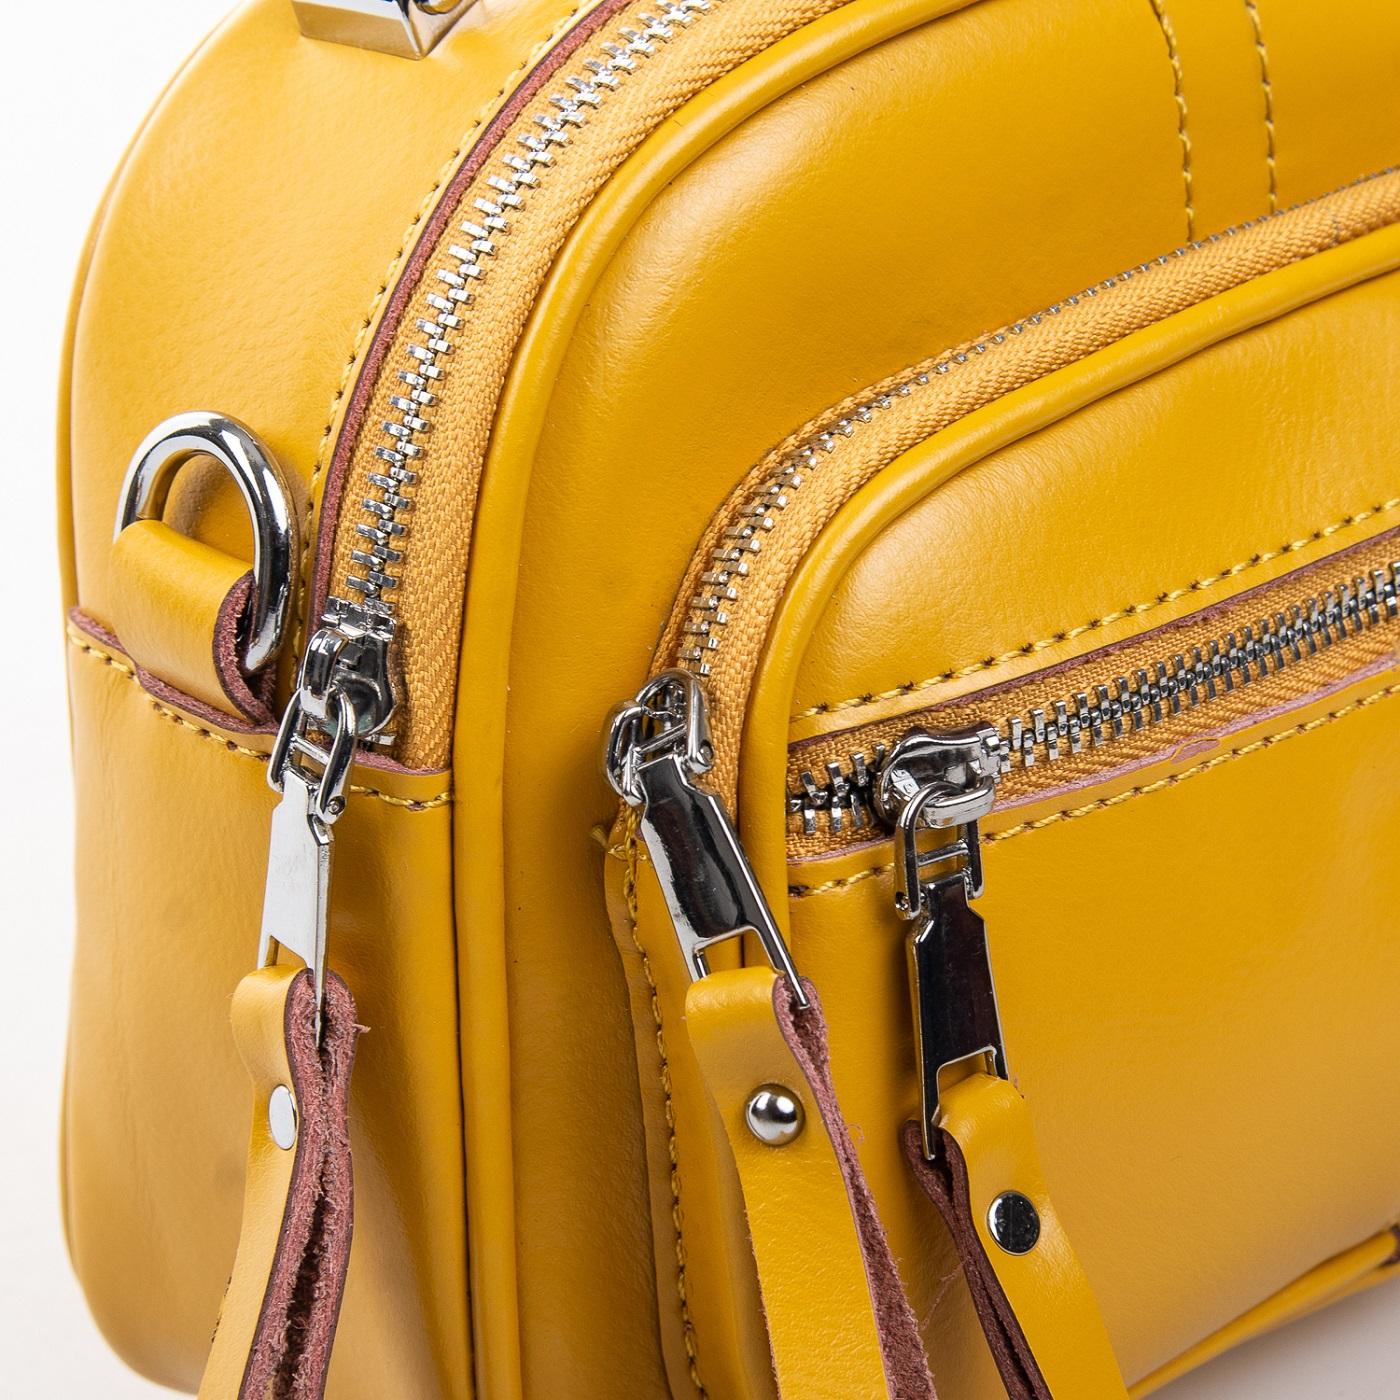 Сумка Женская Клатч кожа ALEX RAI 2-01 8802 yellow - фото 5